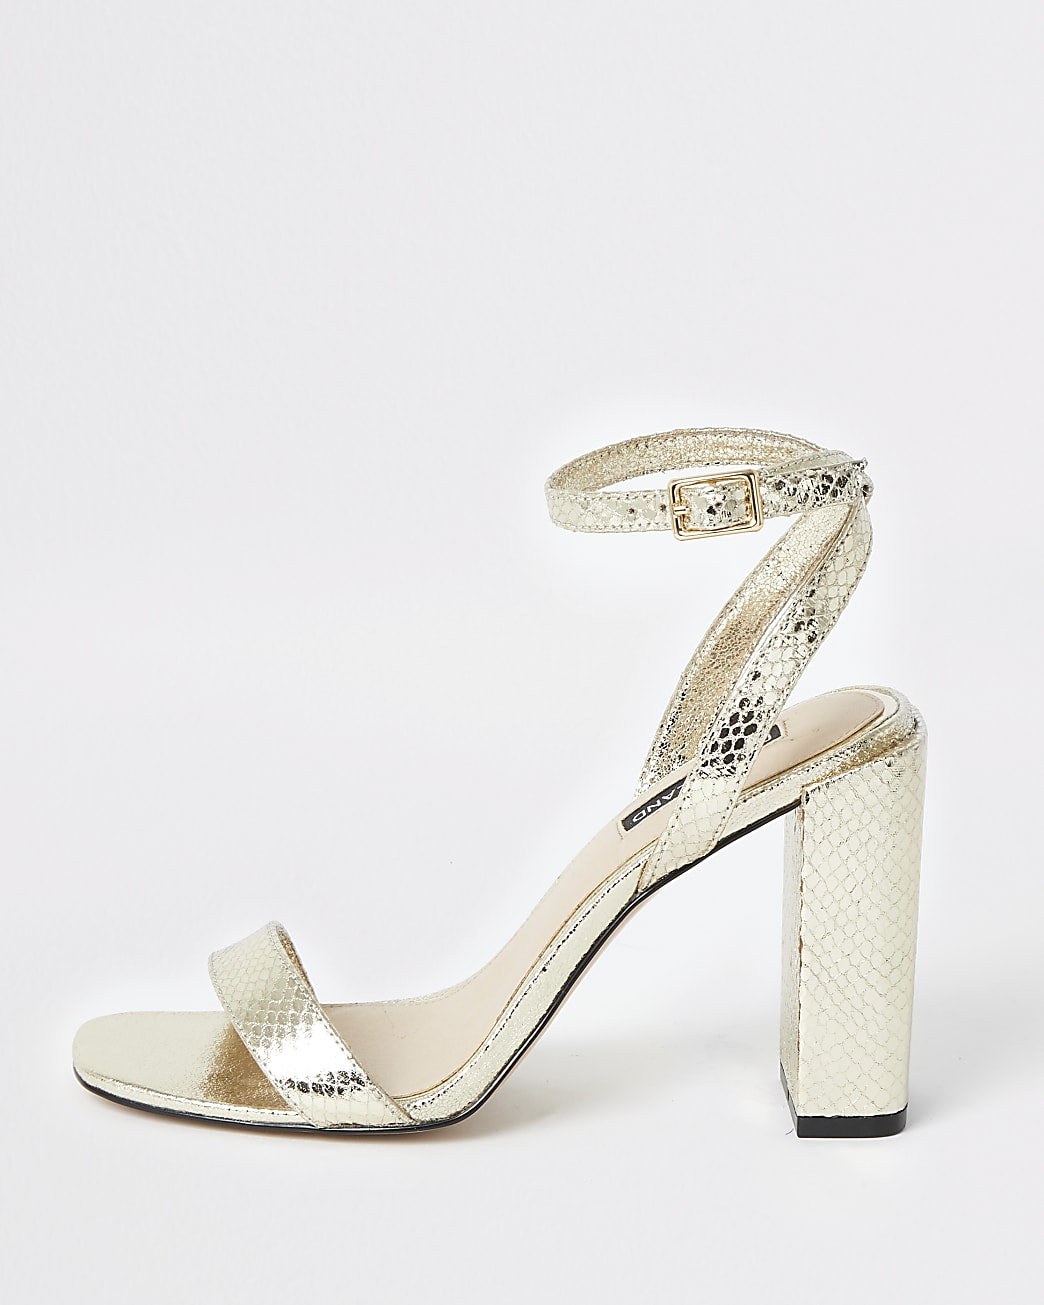 Gold metallic two part block heel sandals